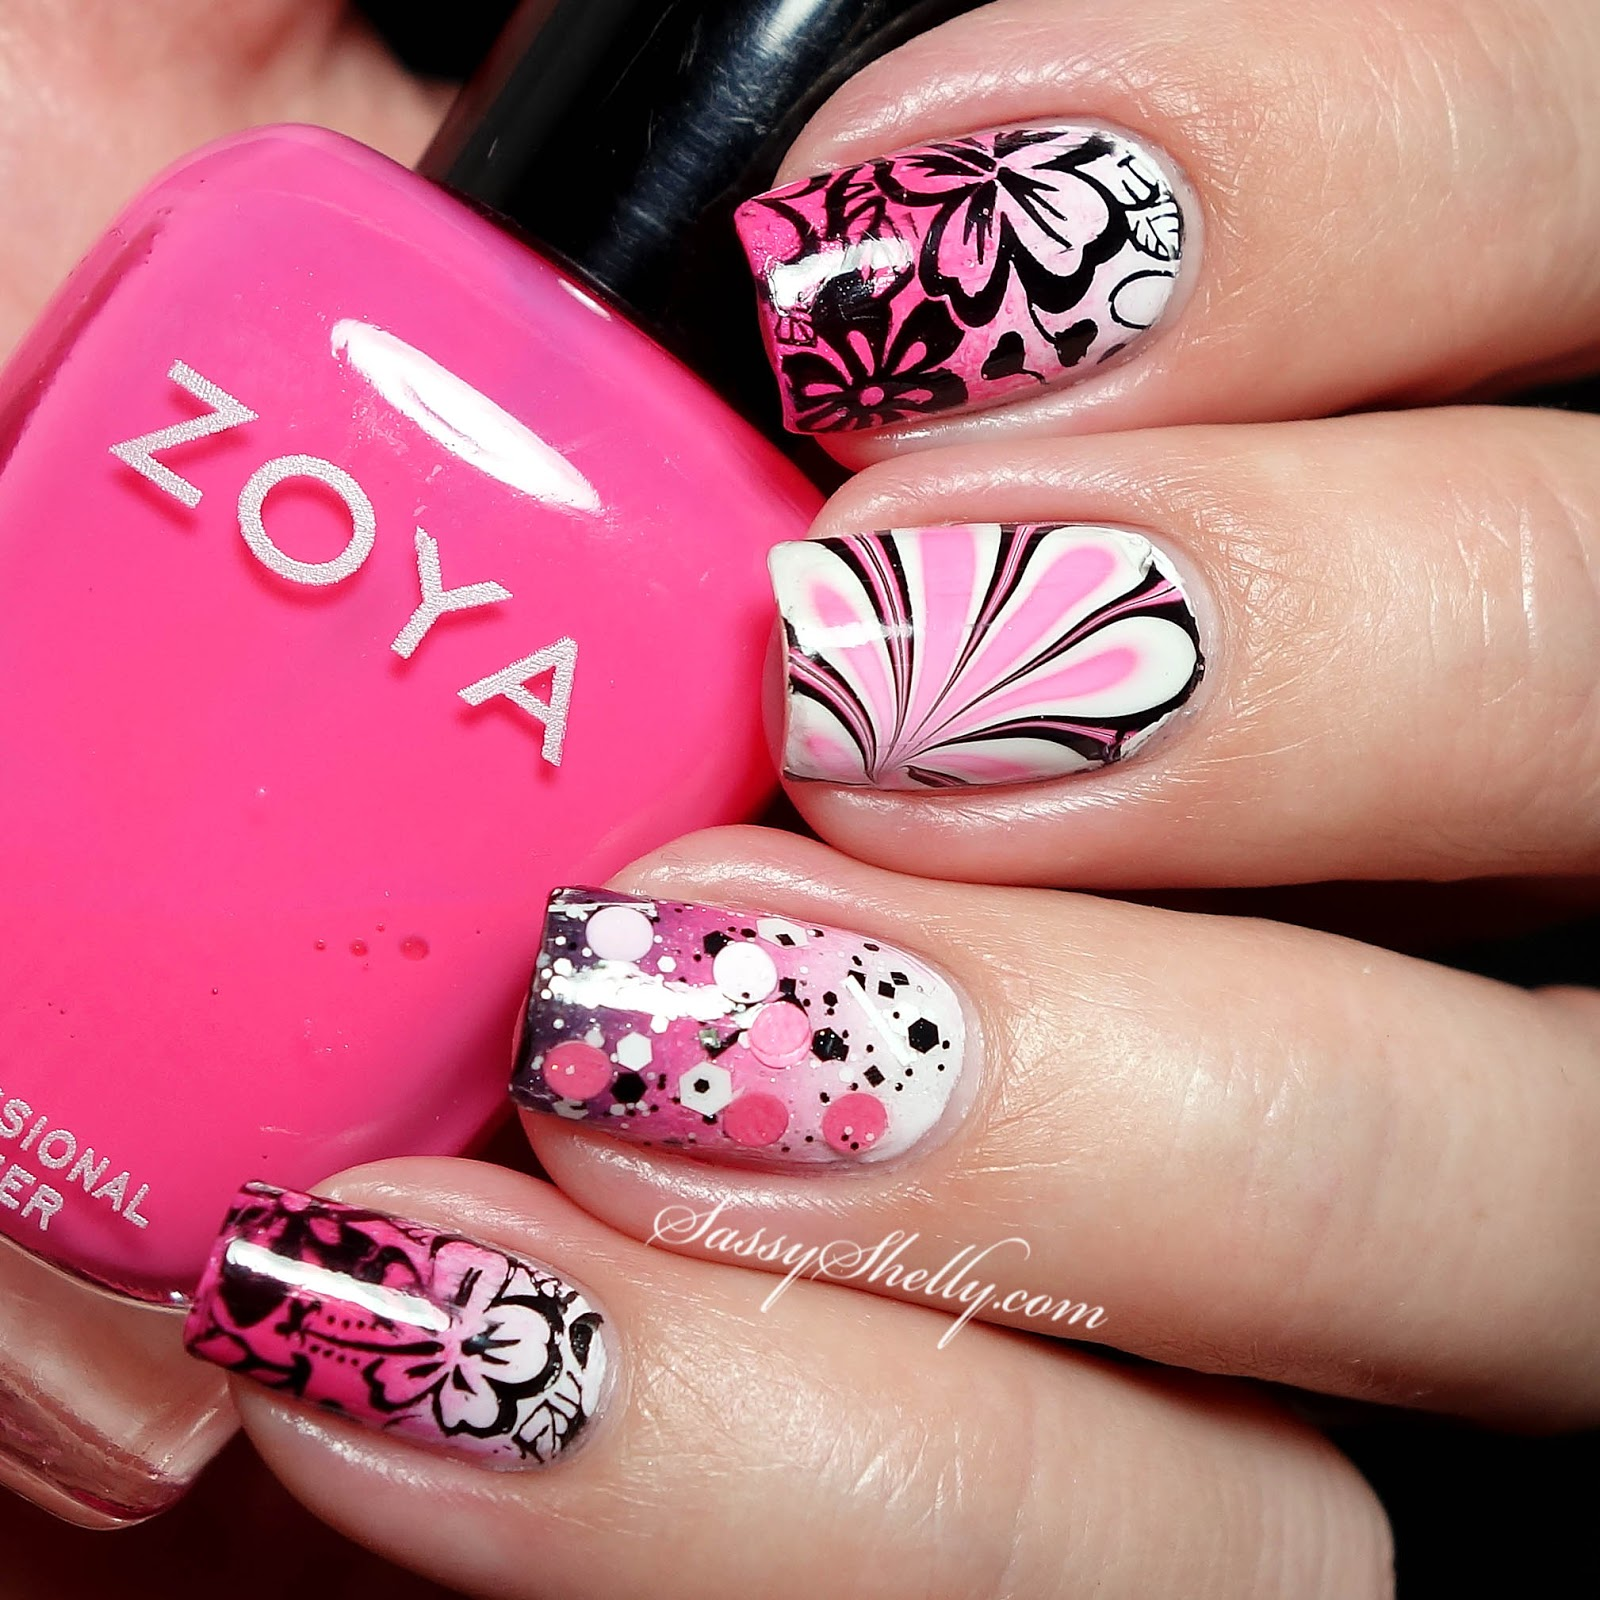 Black White Pink Nail Art Designs: Digit-al Dozen DOES Countries & Cultures